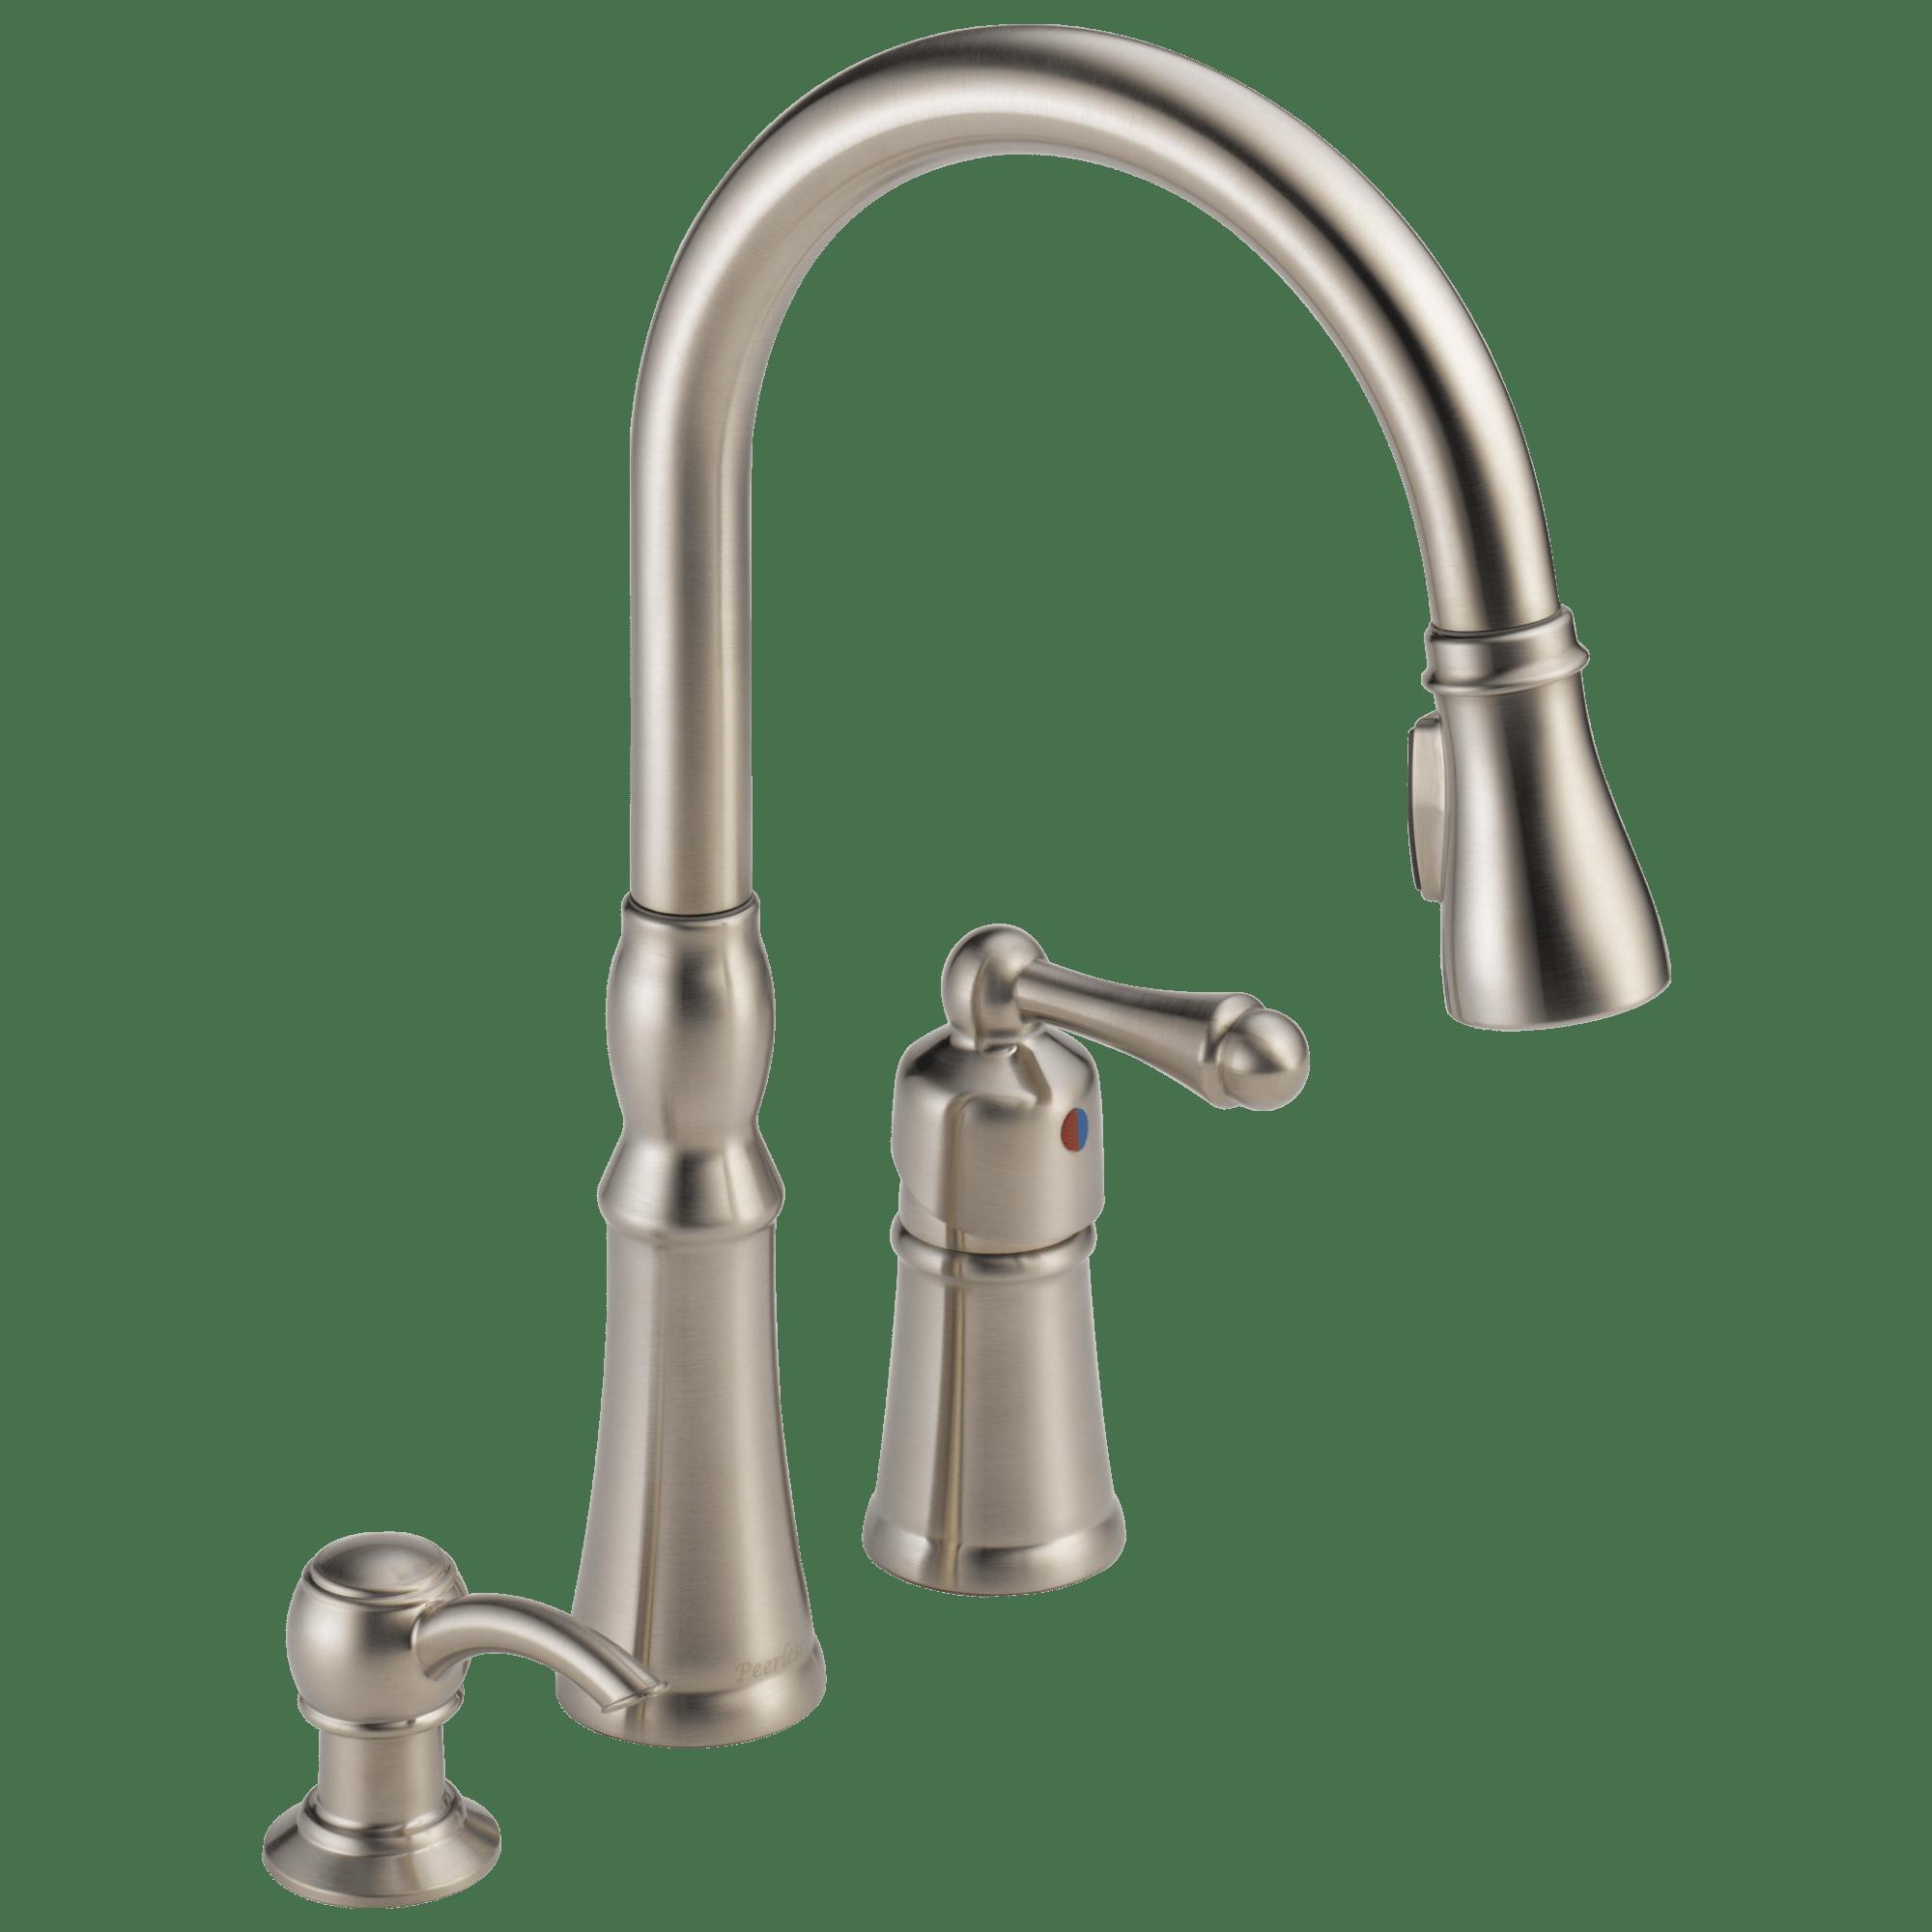 single handle faucets kitchen faucet sale Single Handle Pull Down Kitchen Faucet